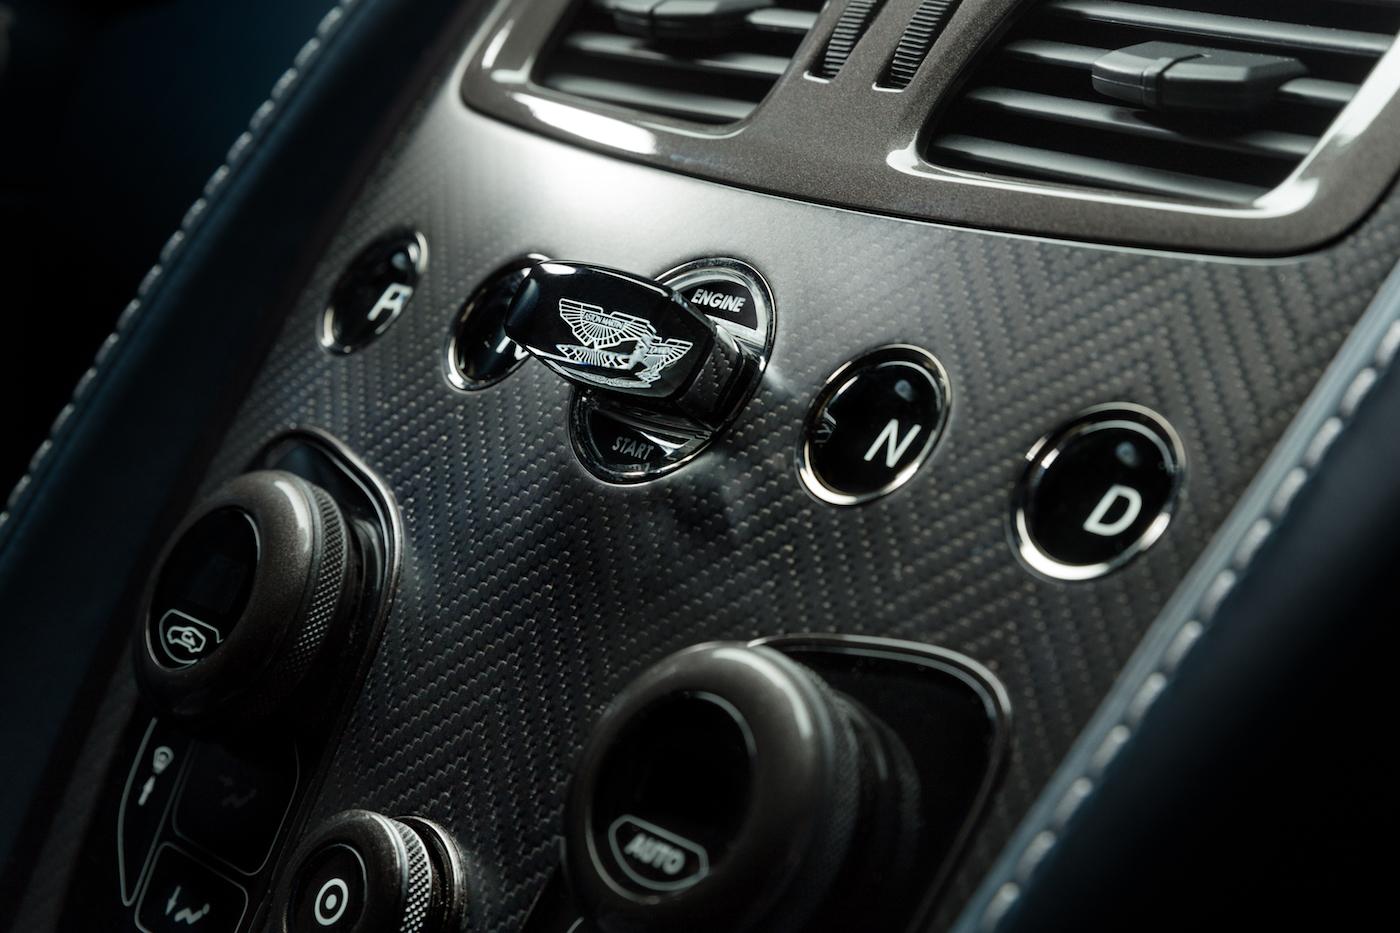 007: Daniel Craig's Aston Martin Vanquish wird in New York versteigert 7